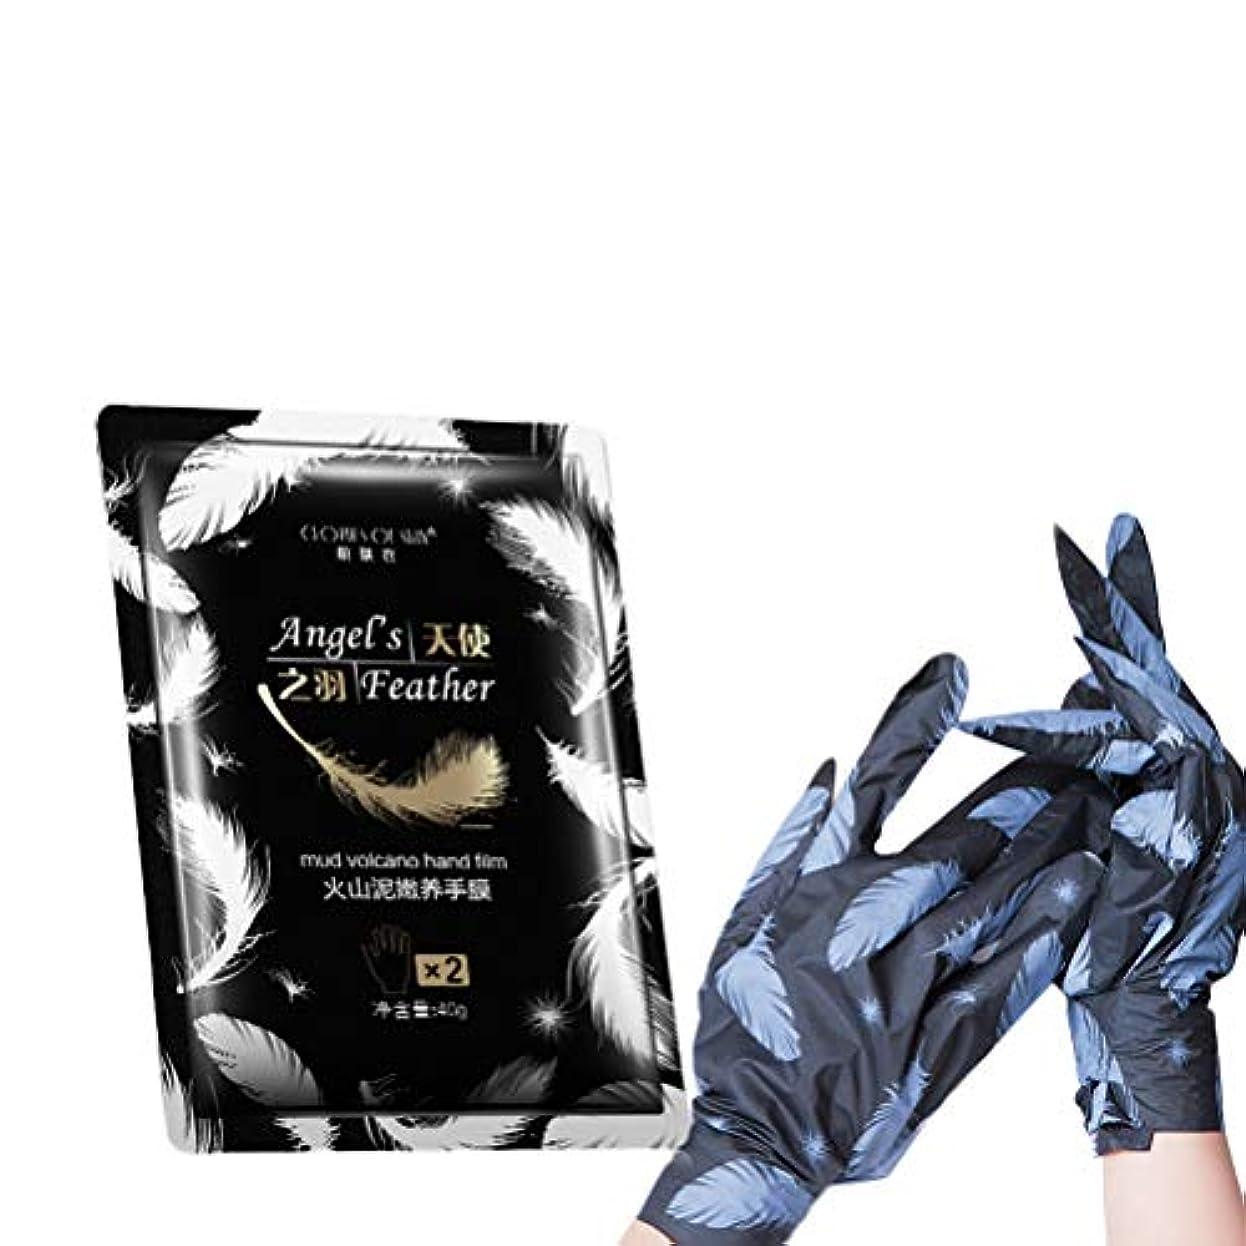 残酷な発行検索SUPVOX 乾燥肌のための保湿ハンドマスク保湿手袋栄養補給のためのハンドケアホワイトニング